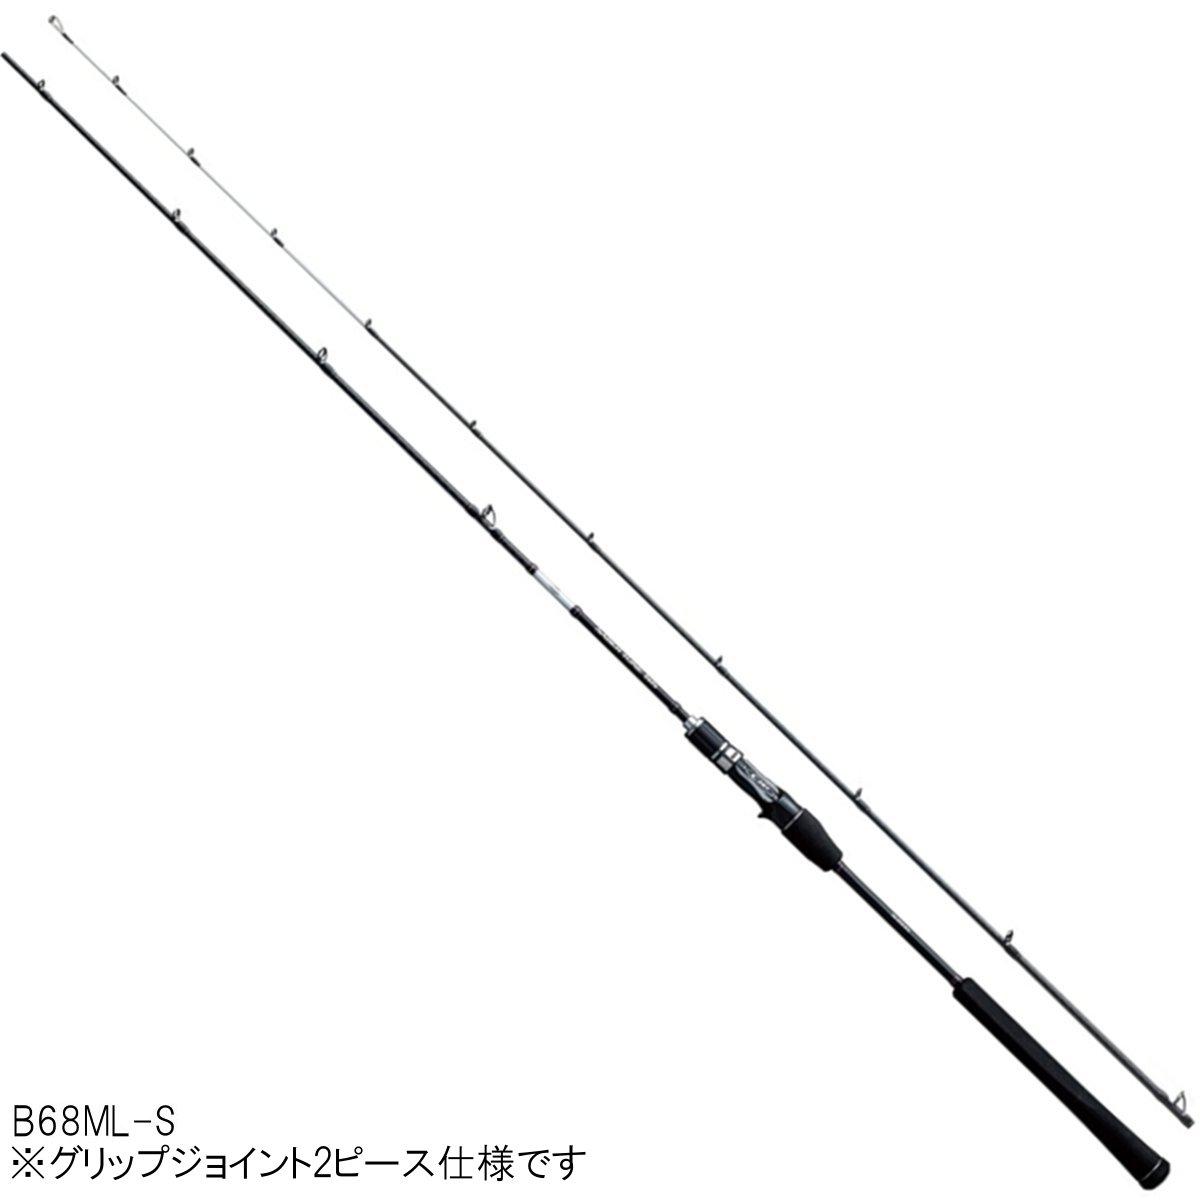 サーベルチューンSS B68ML-S シマノ【大型商品】【同梱不可】